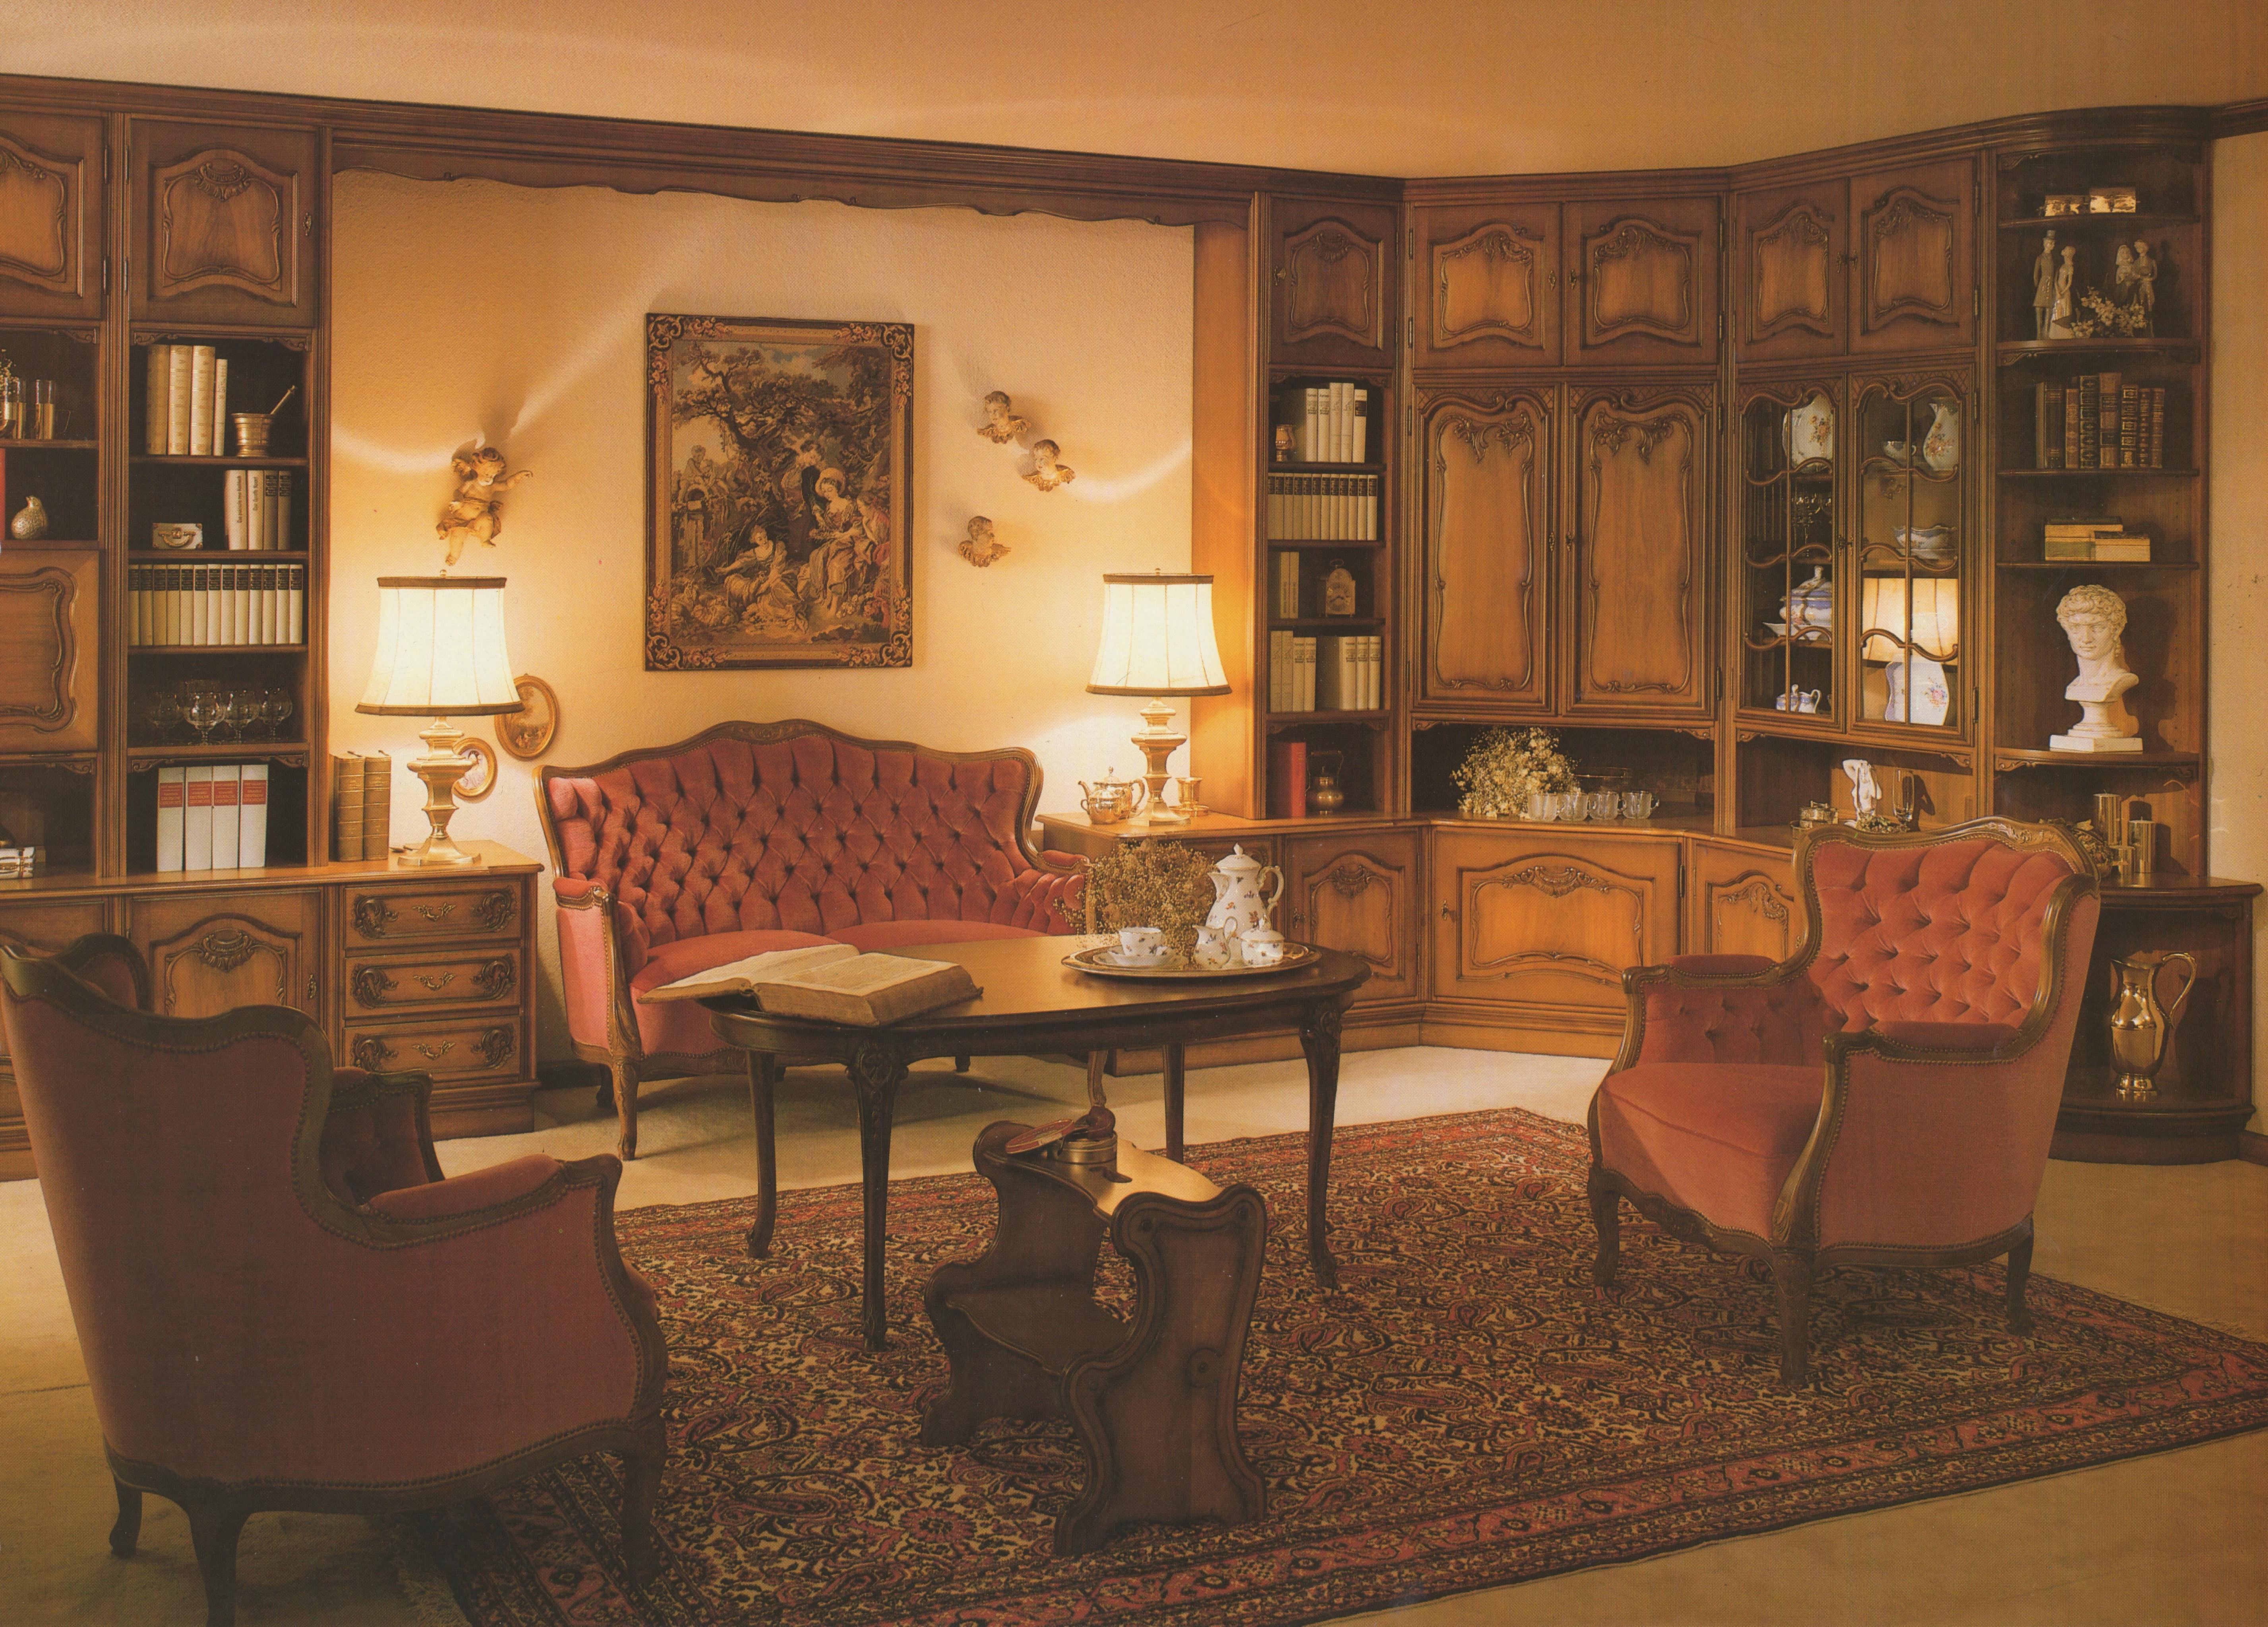 datei wiki wohnzimmer polstergarnitur schrankumbau aachen luetticher barock jpg